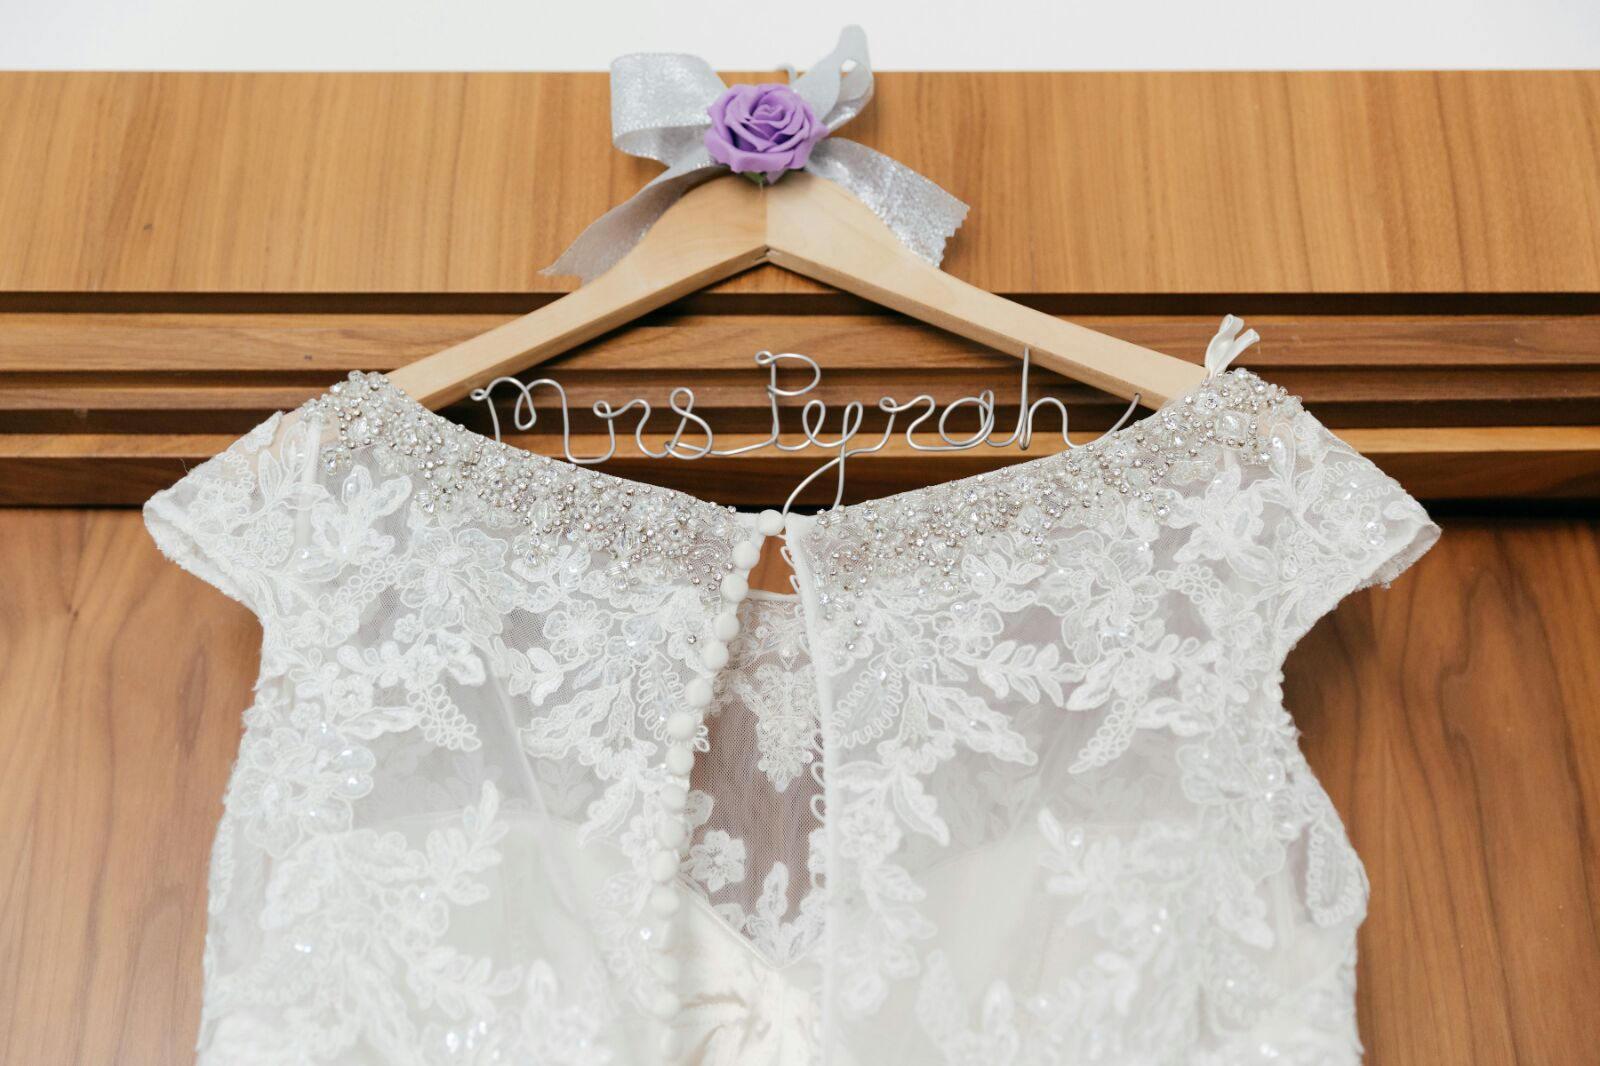 Personalisierte Hochzeit Kleid Aufhänger mit Draht-Schriftzug